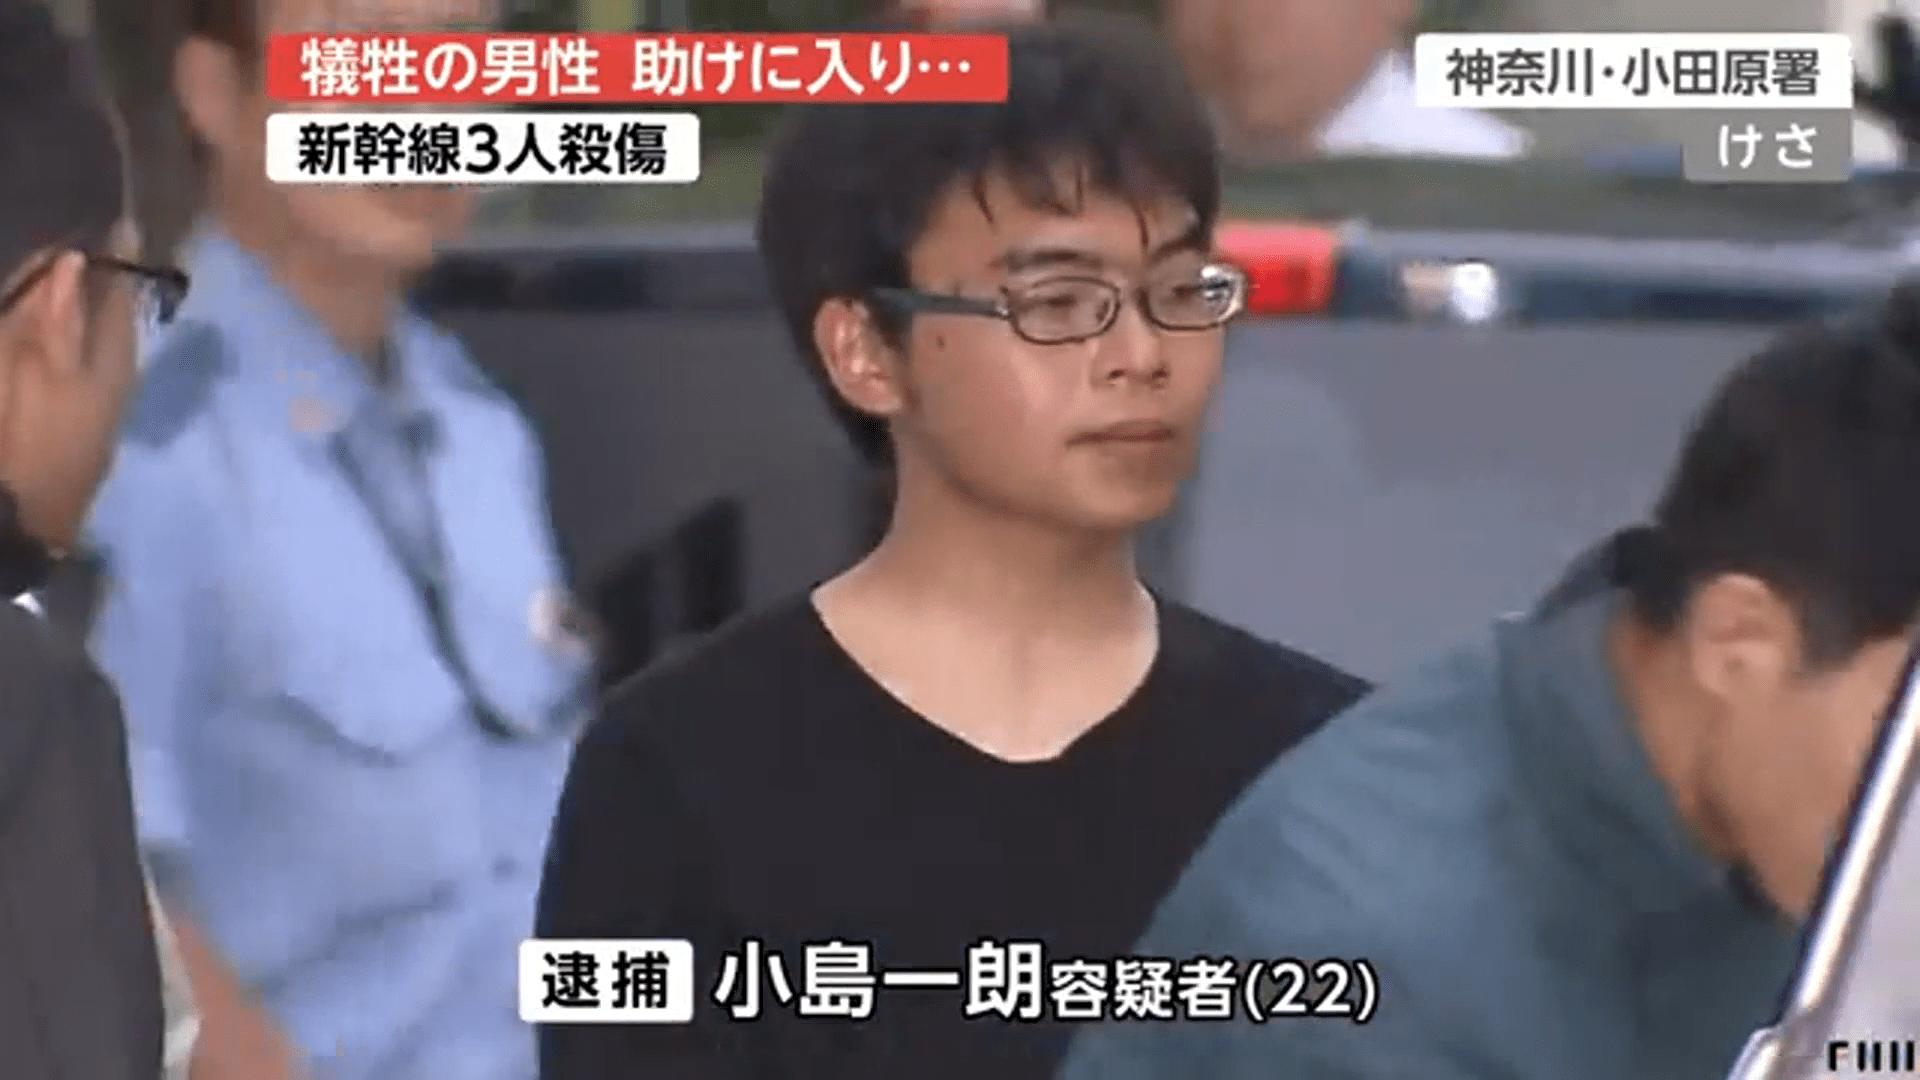 「何も考えずに済む刑務所入りたくて」新幹線殺傷容疑者